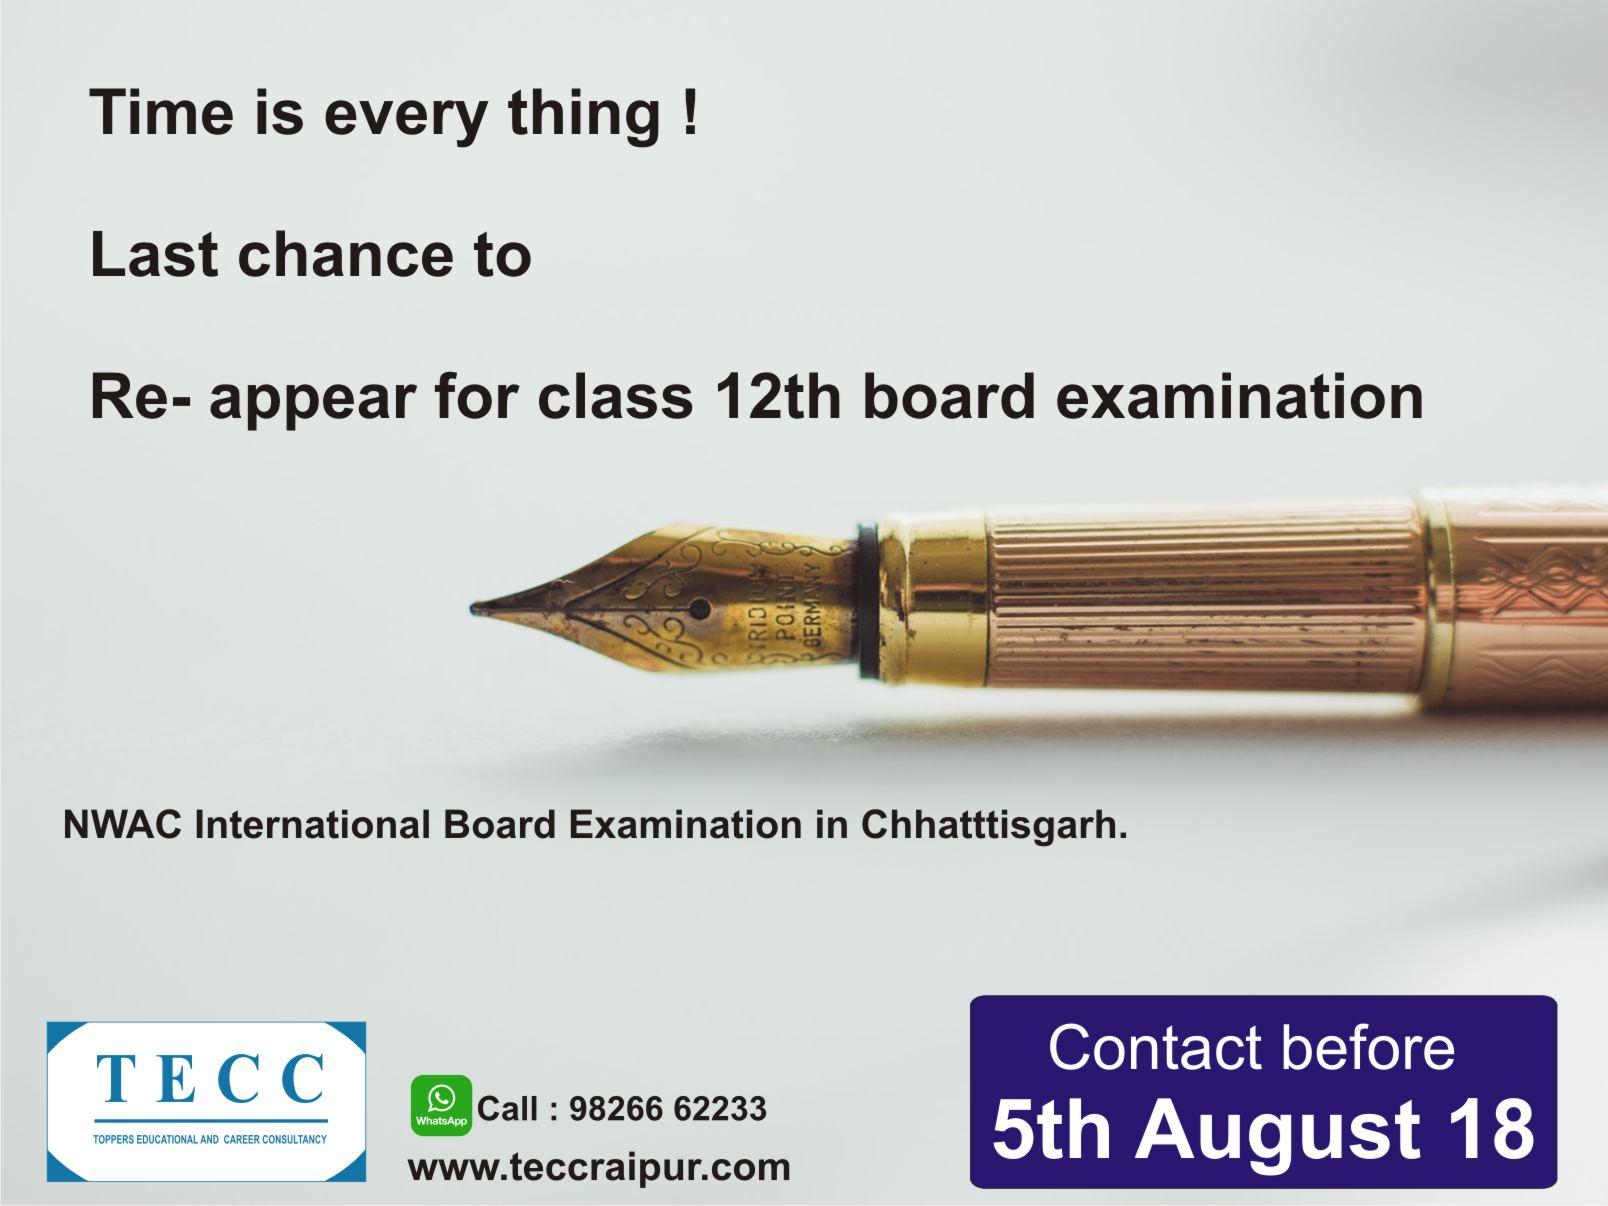 12वी में फेल विद्यार्थियो हेतु आखरी अवसर !  सरकार द्वारा मानया प्राप्त NWAC - अंतराष्ट्रिए बोर्ड परीक्षा के माध्यम अपना साल बचाए !  5 अगस्त से पहले संपर्क करे !  Mb. 98266 62233